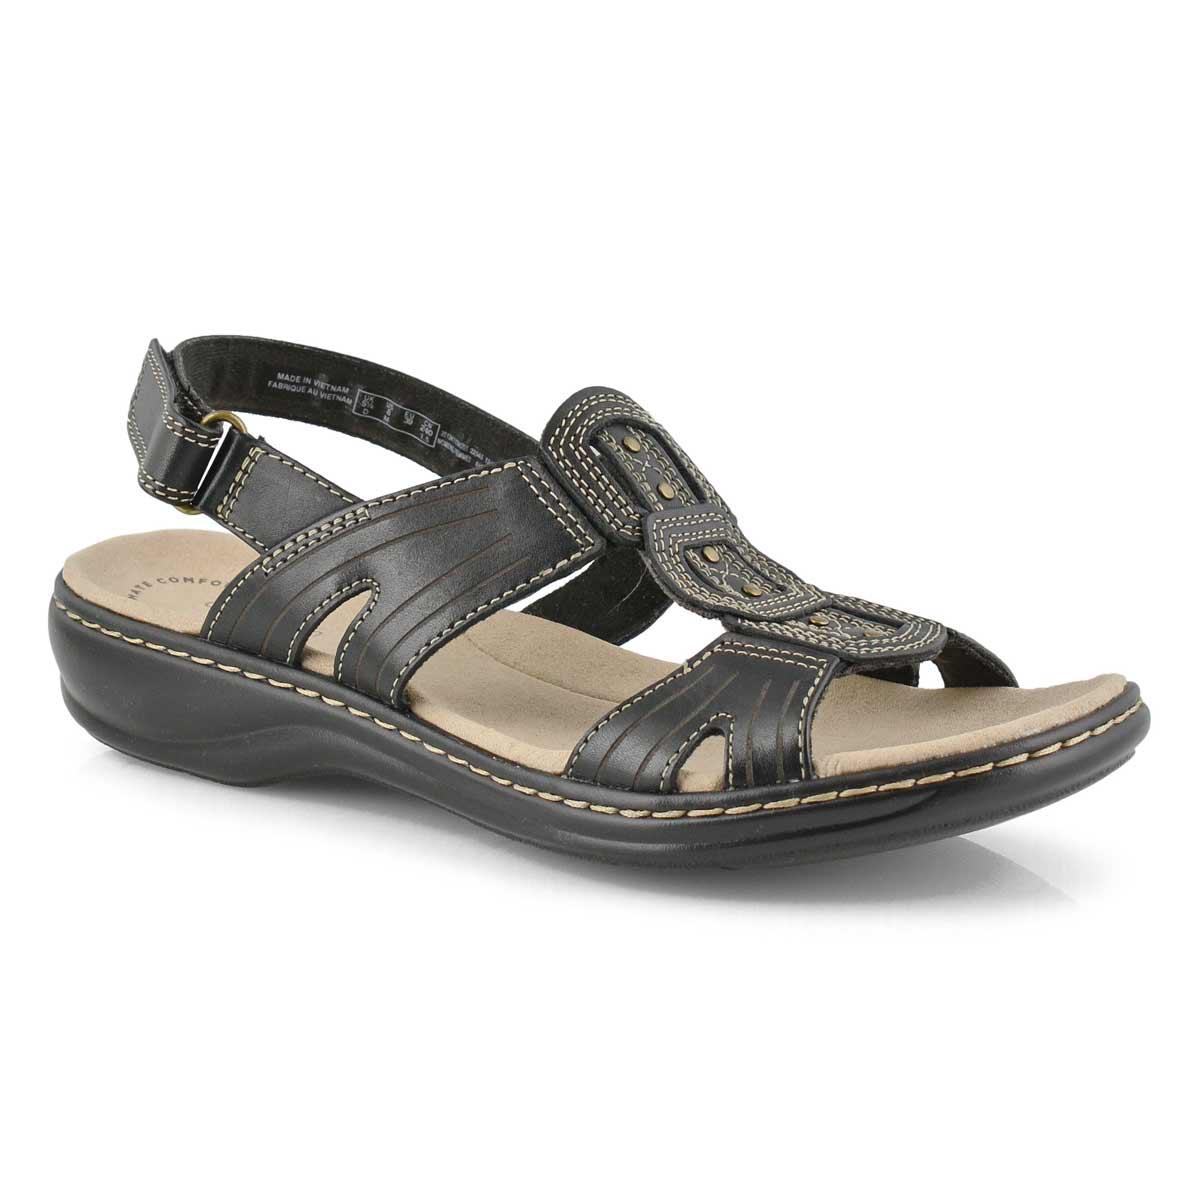 Women's Leisa Vine Casual Sandal - Black